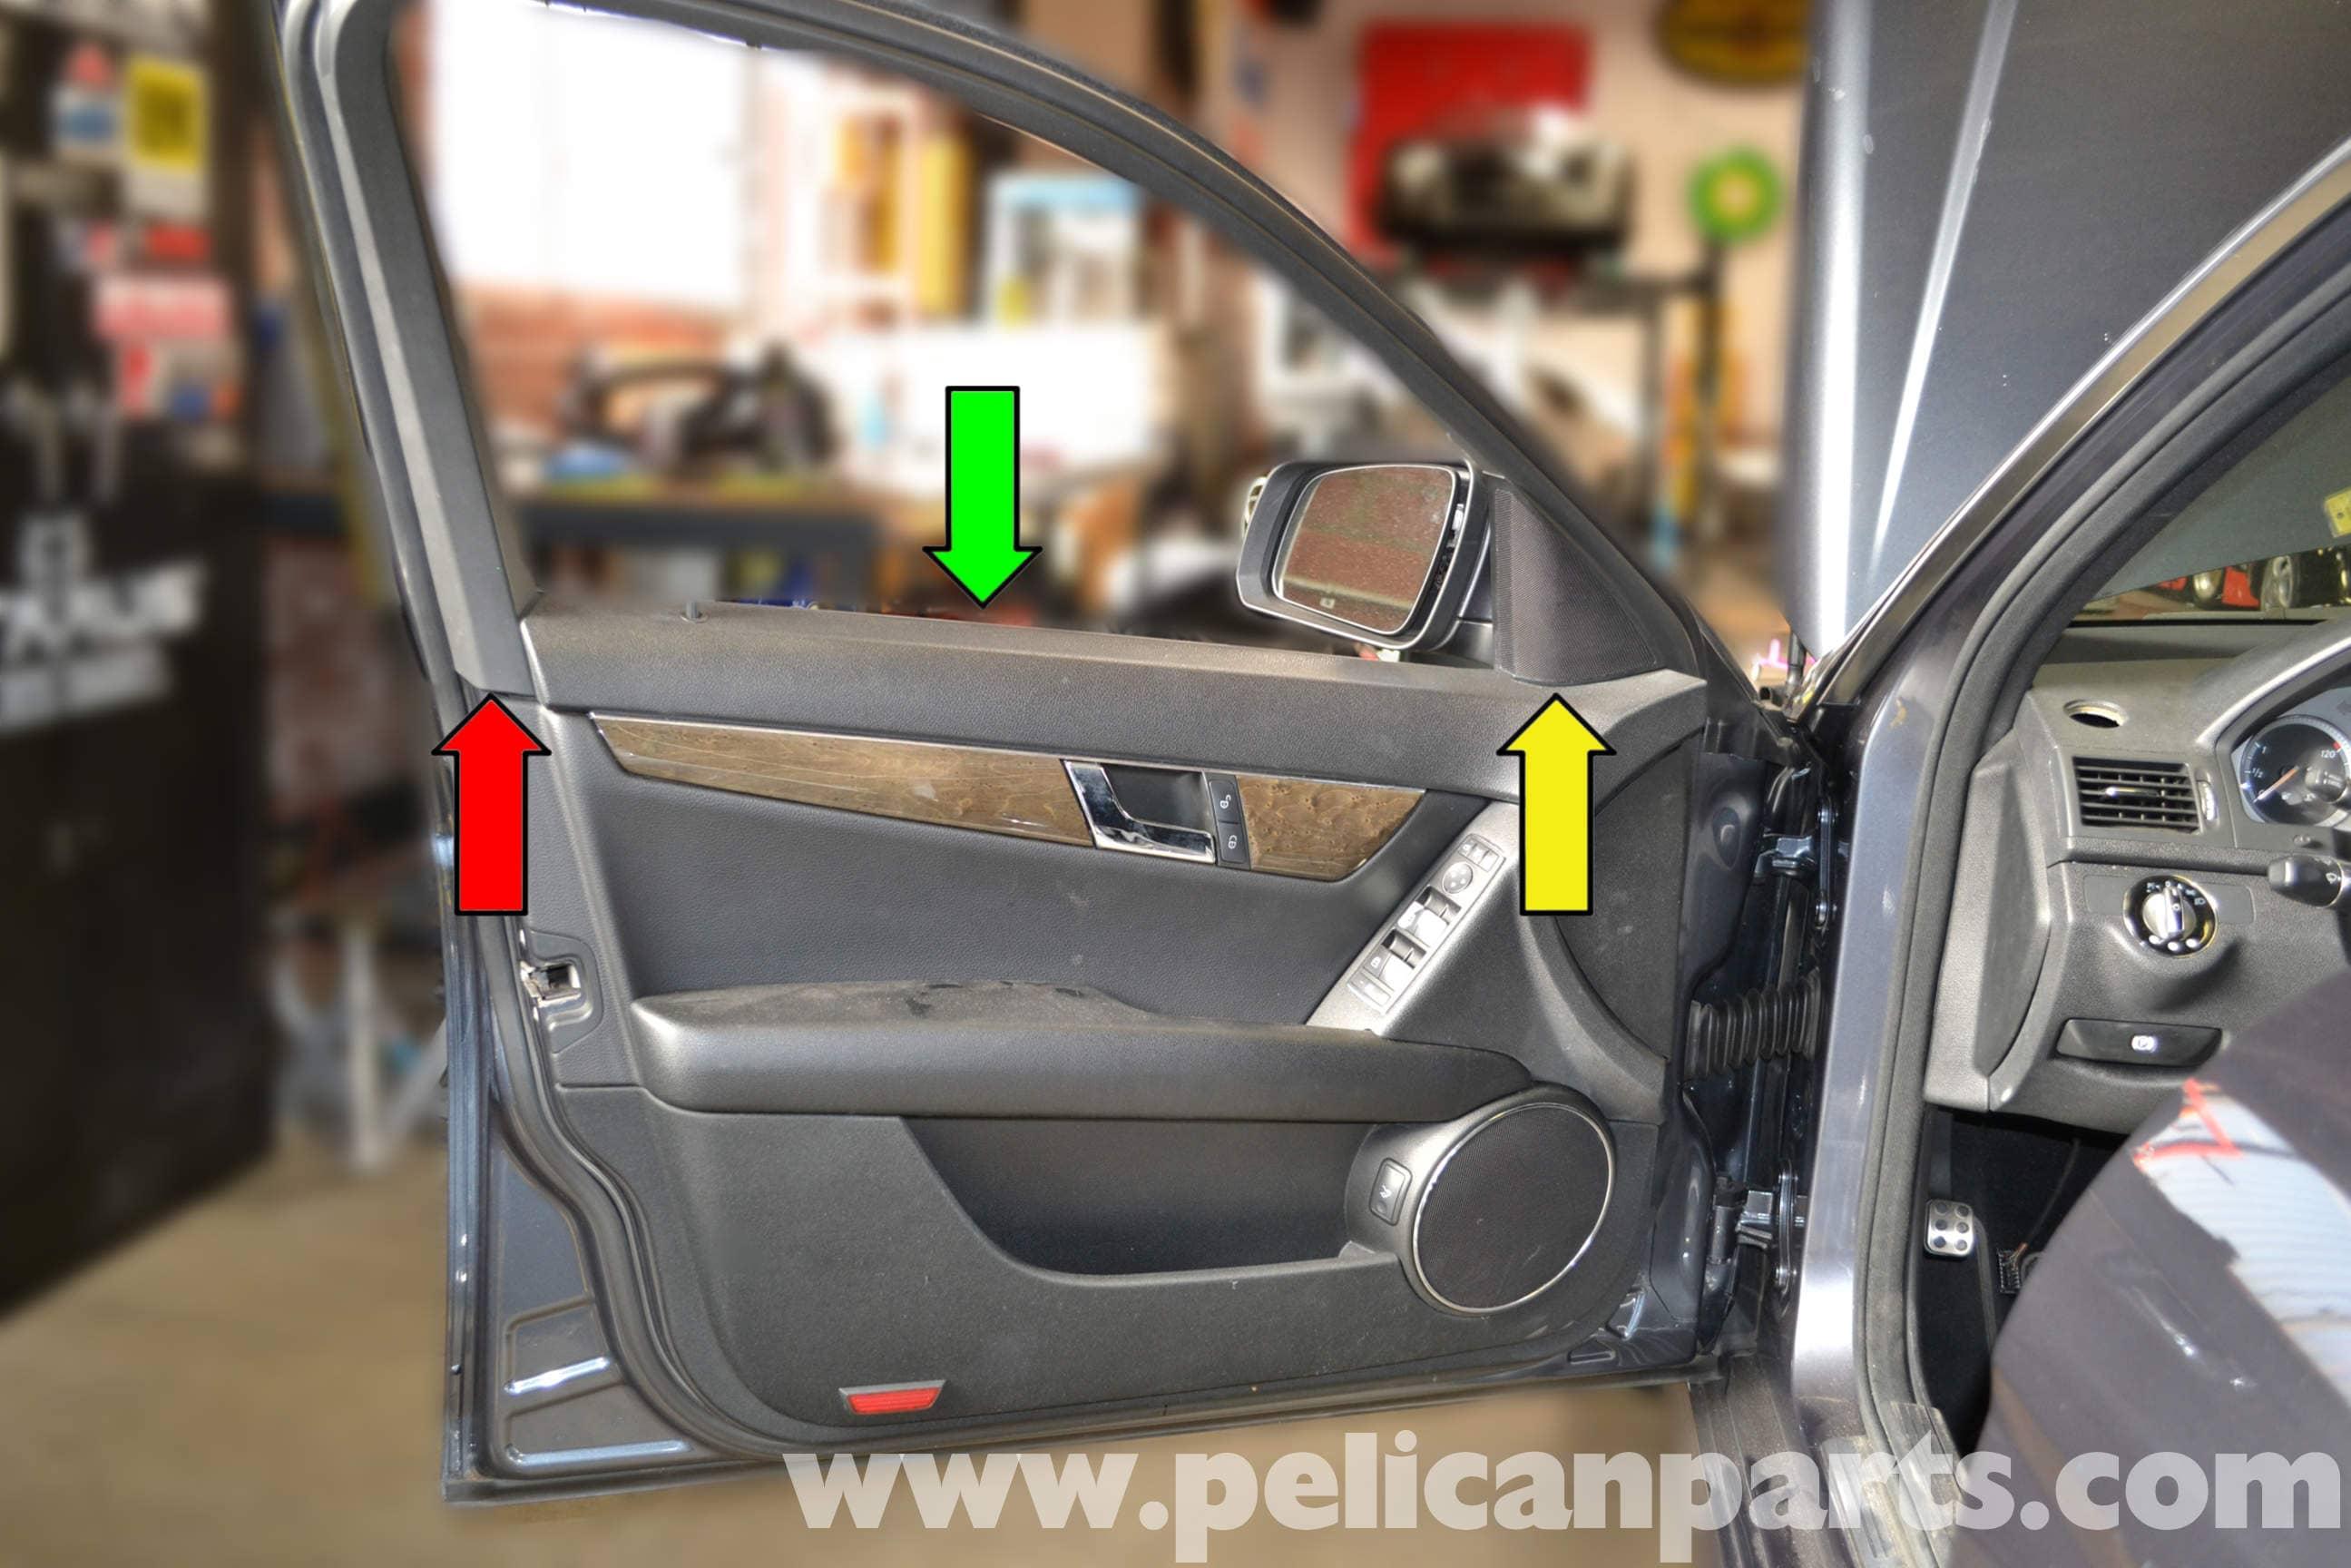 Mercedes-Benz W204 Door Control Unit Replacement - (2008-2014) C250